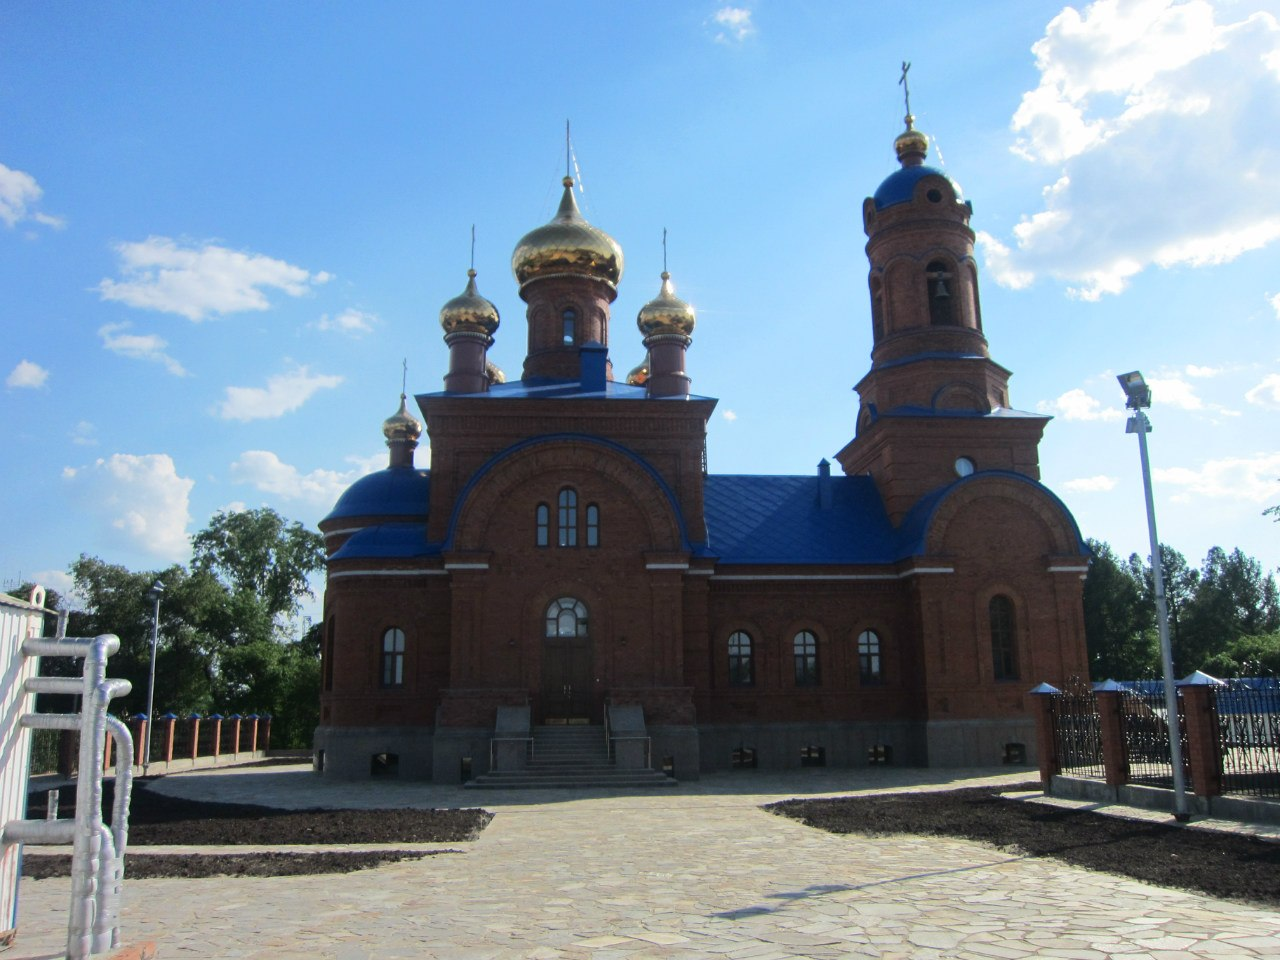 Церковь в Полетаево, северный фасад (03.07.2014)